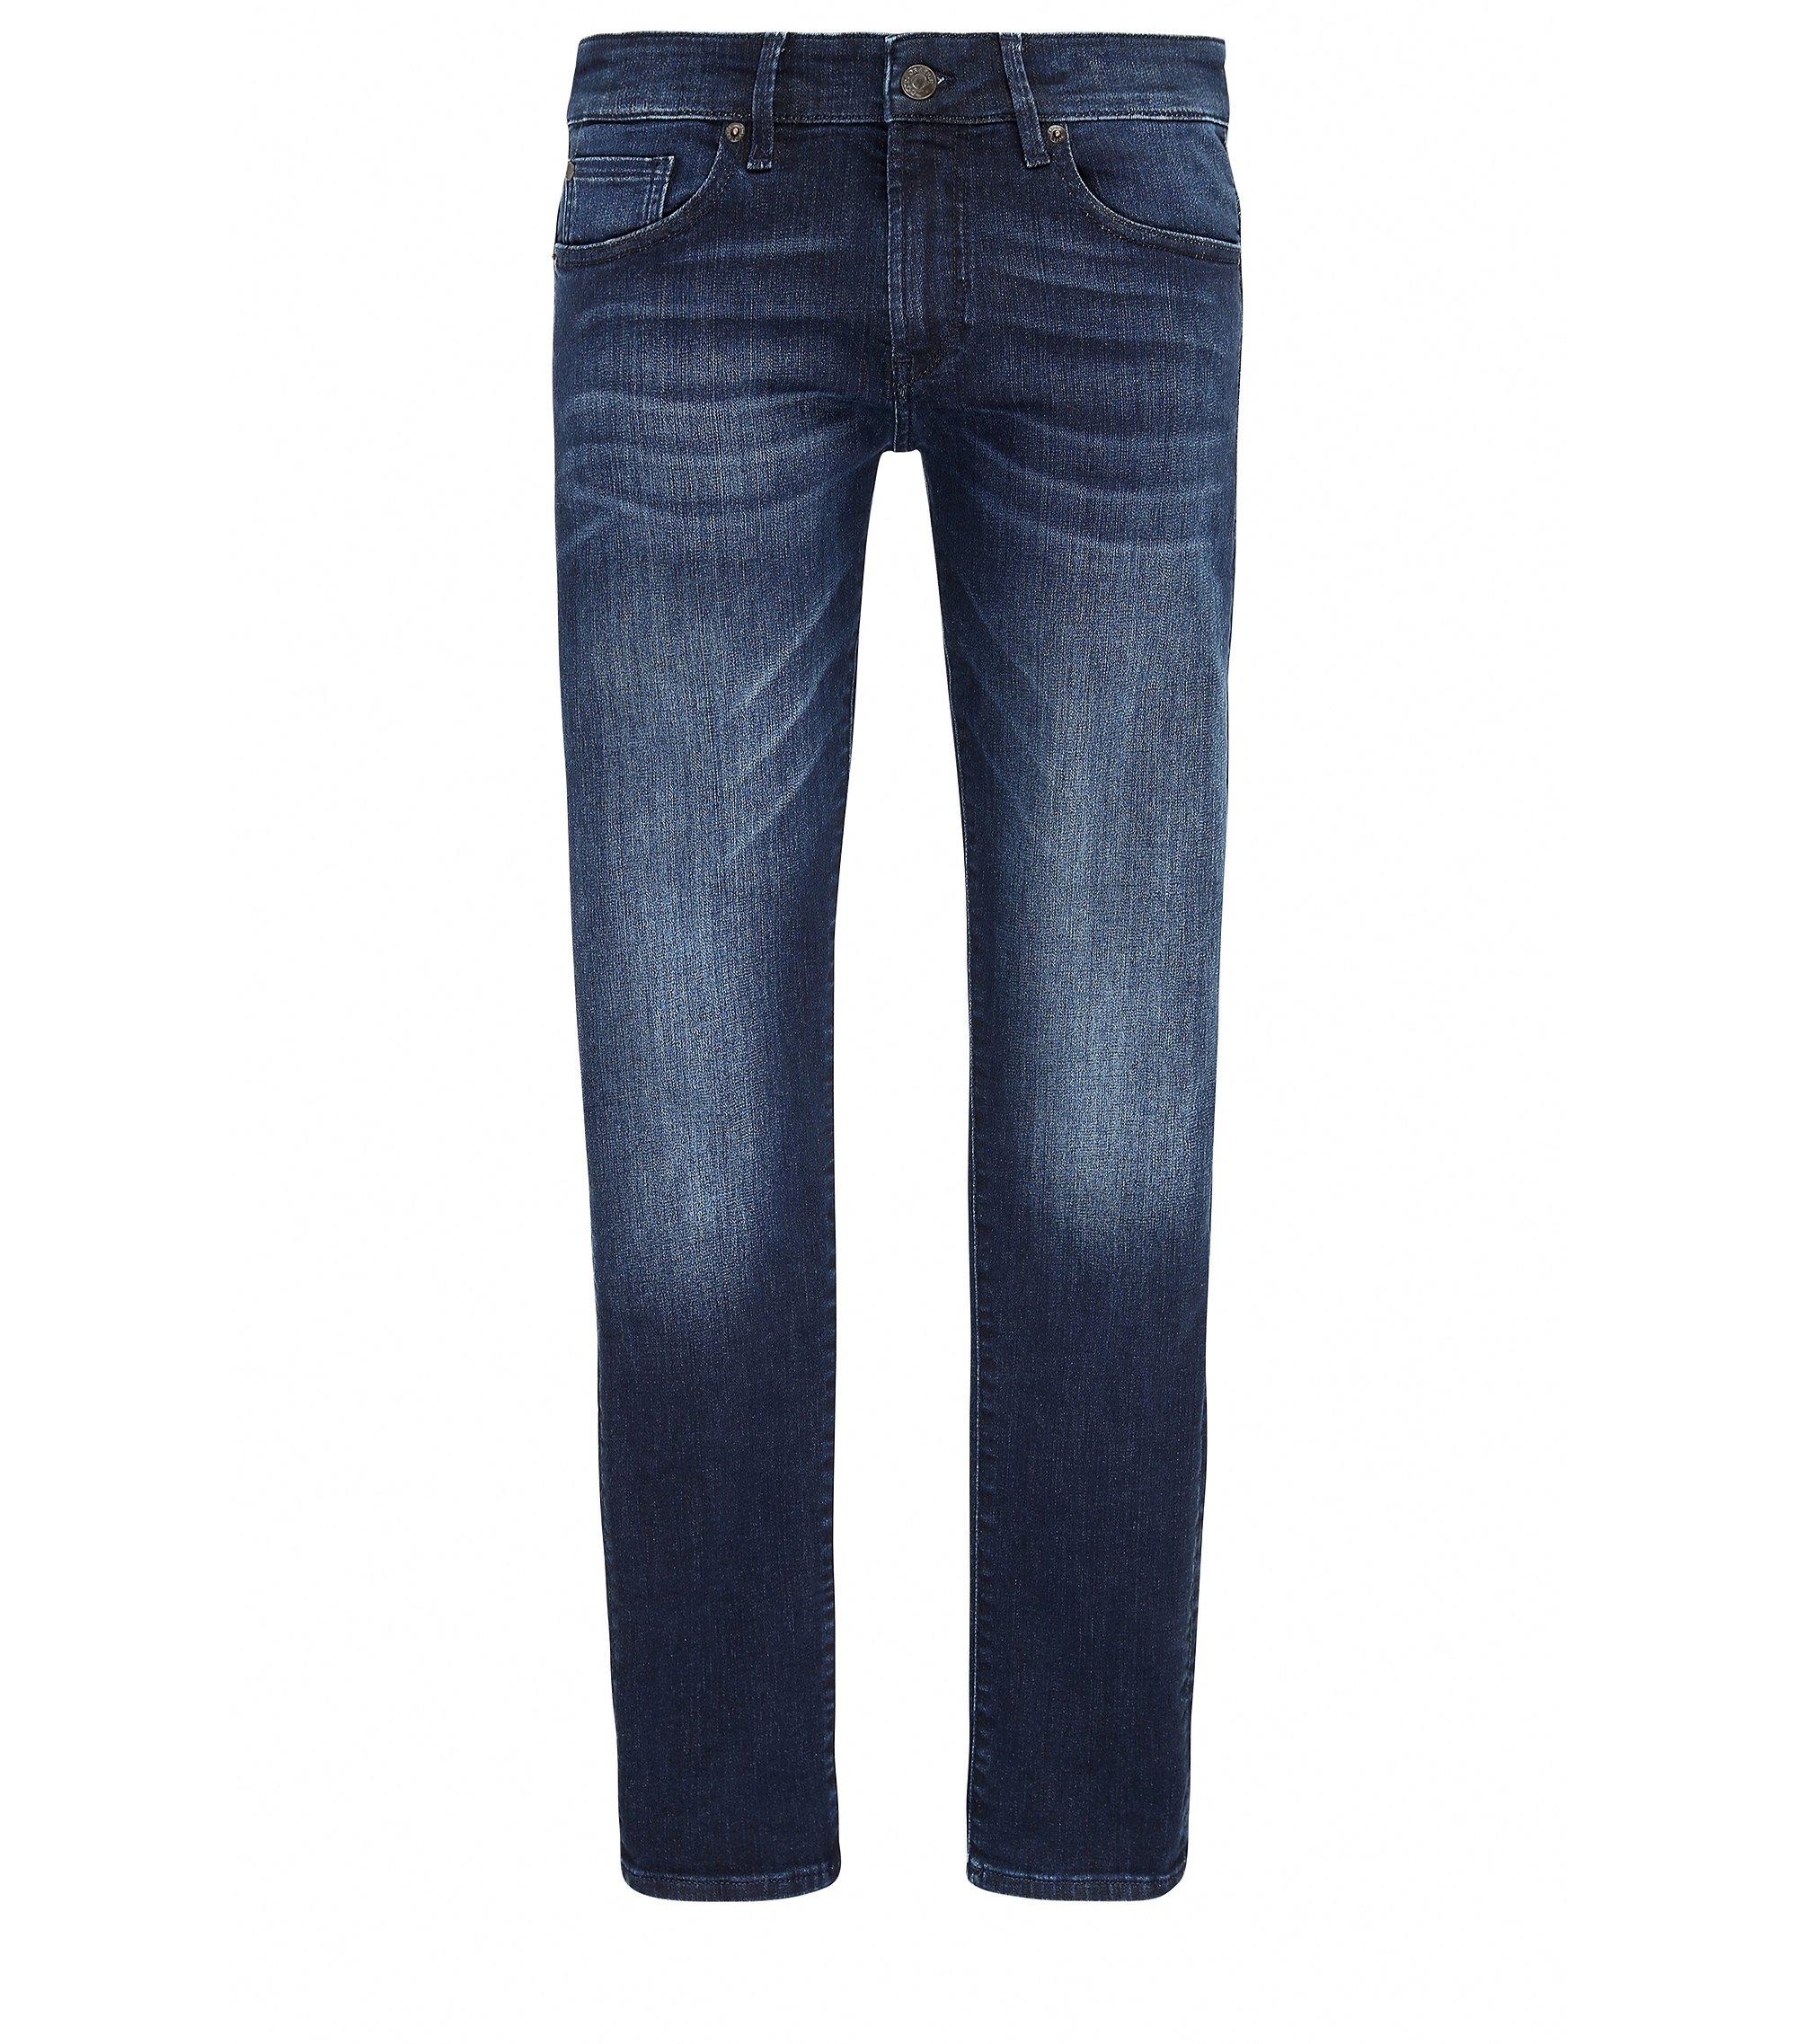 Jeans skinny fit in denim super elasticizzato con finiture effetto usato, Blu scuro